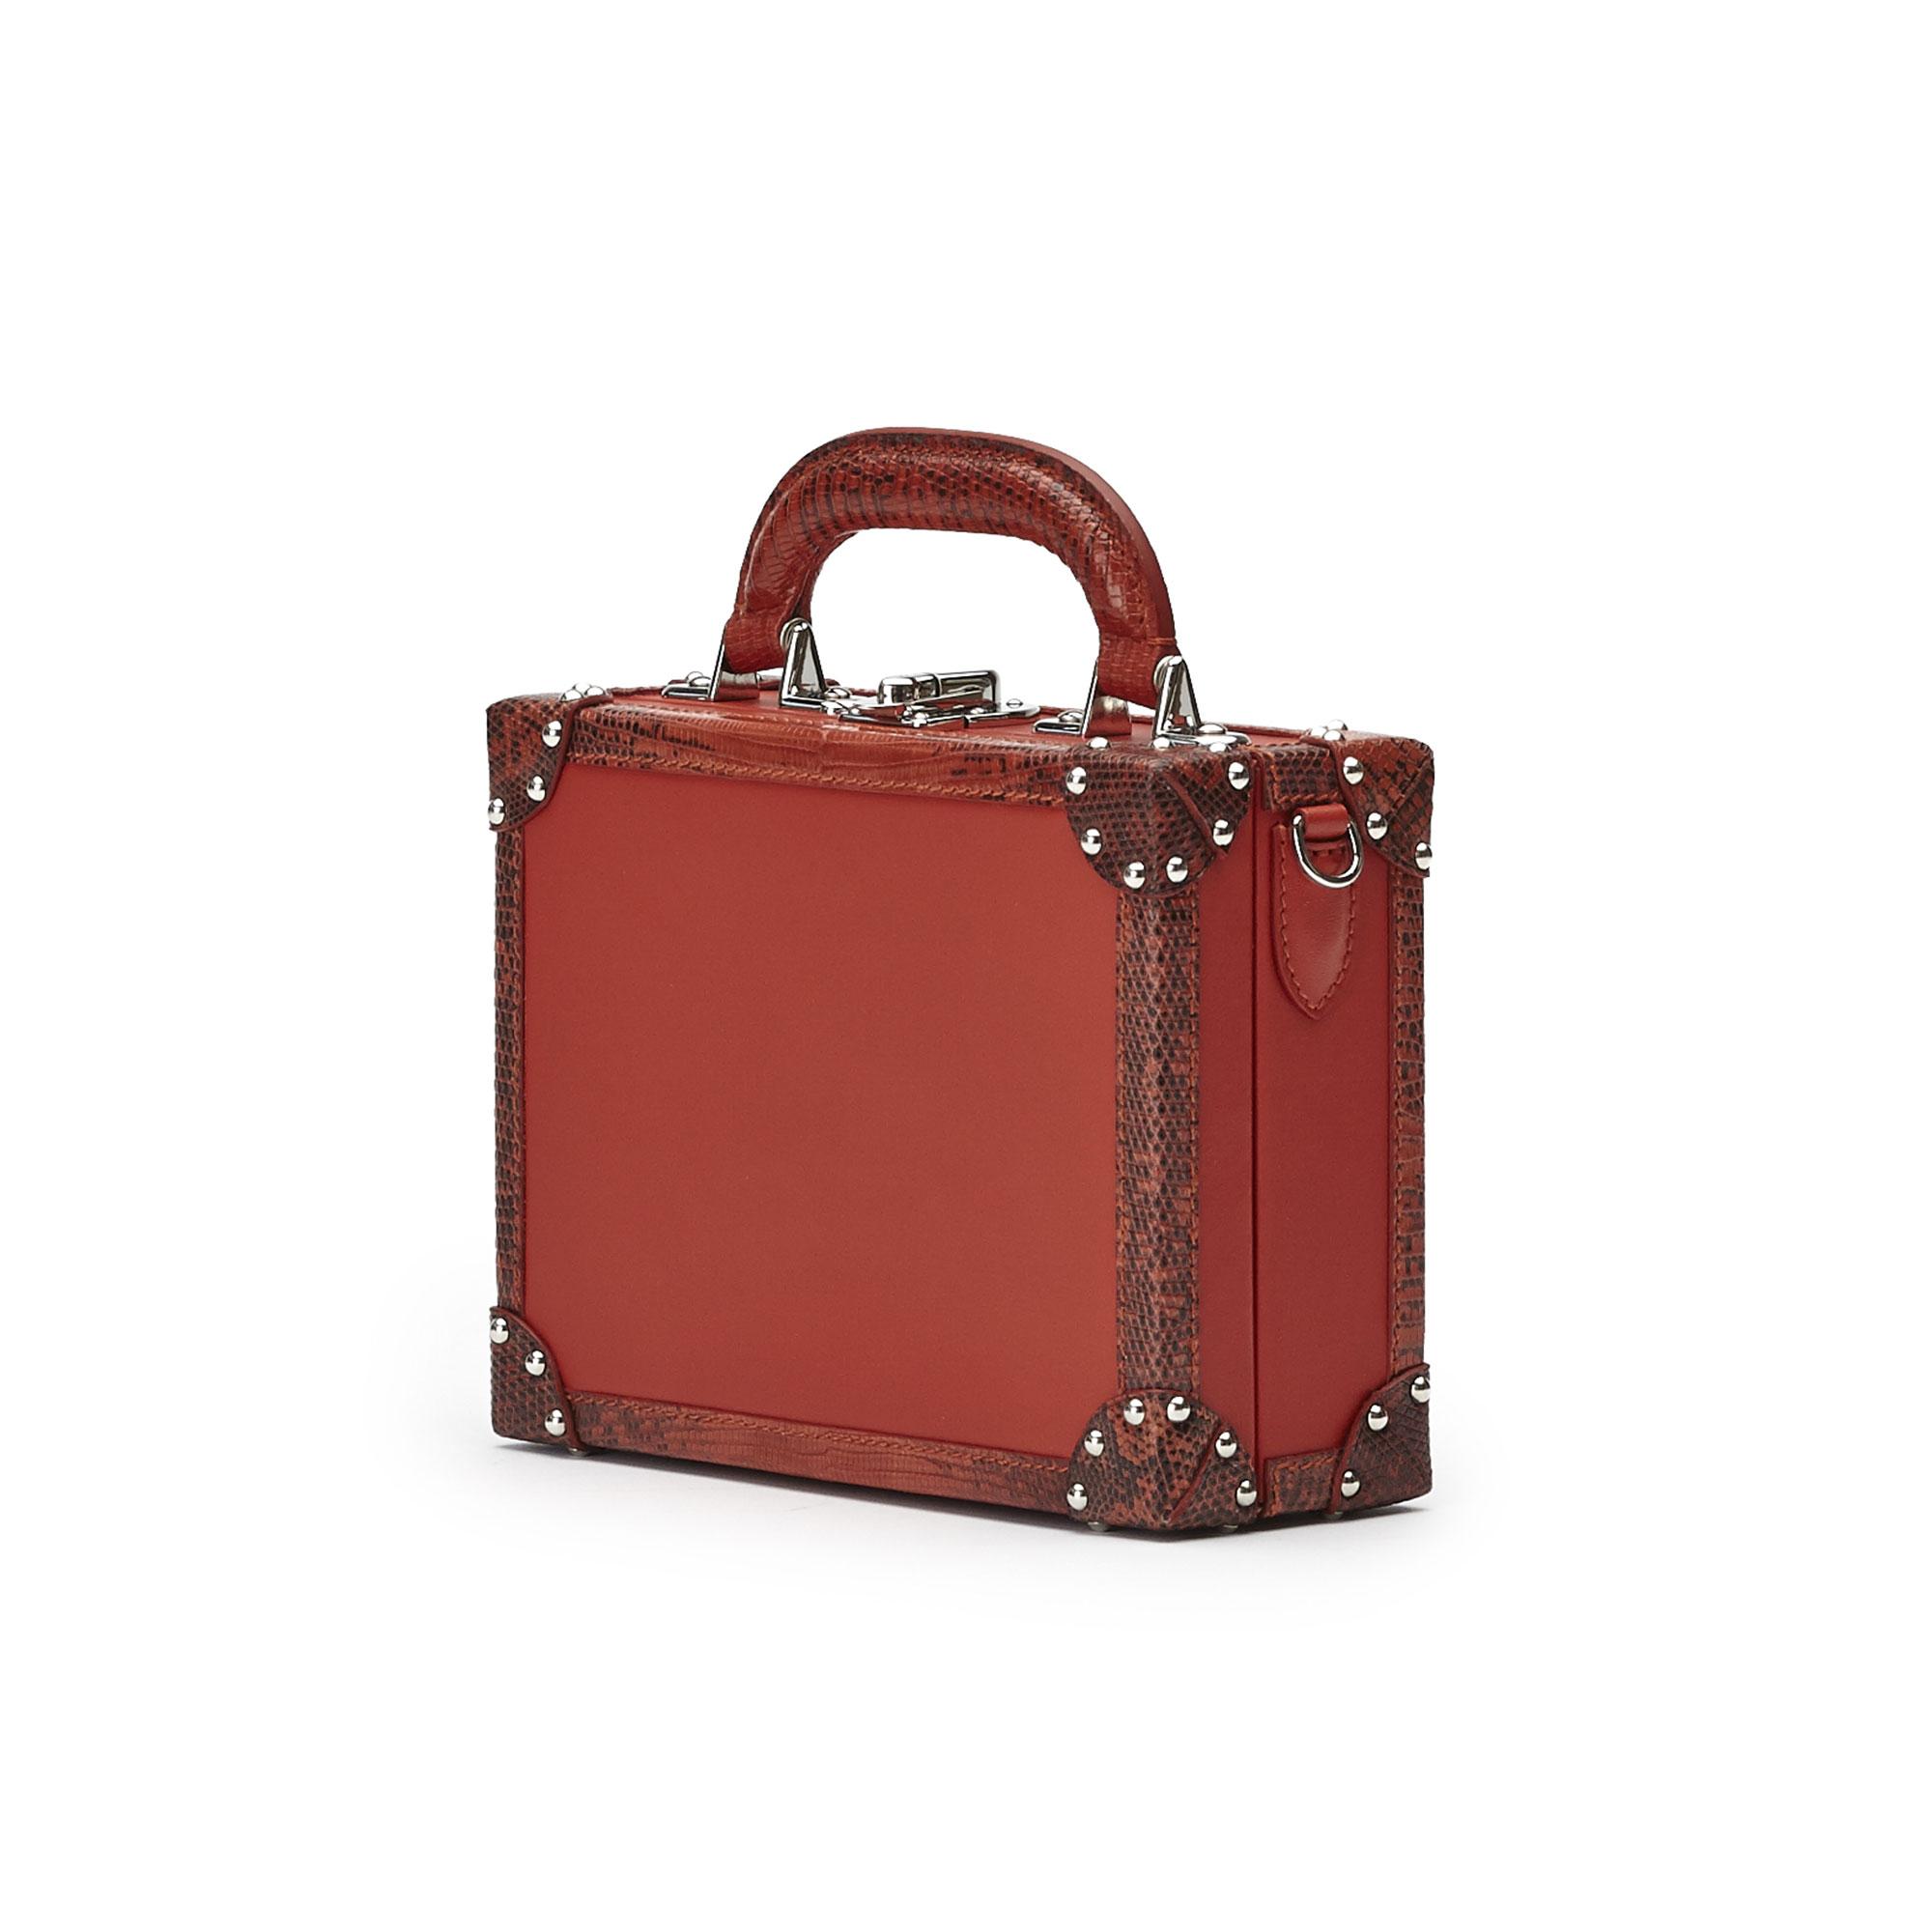 The chianti color french calf lizard Mini Squared Bertoncina bag by Bertoni 1949 02